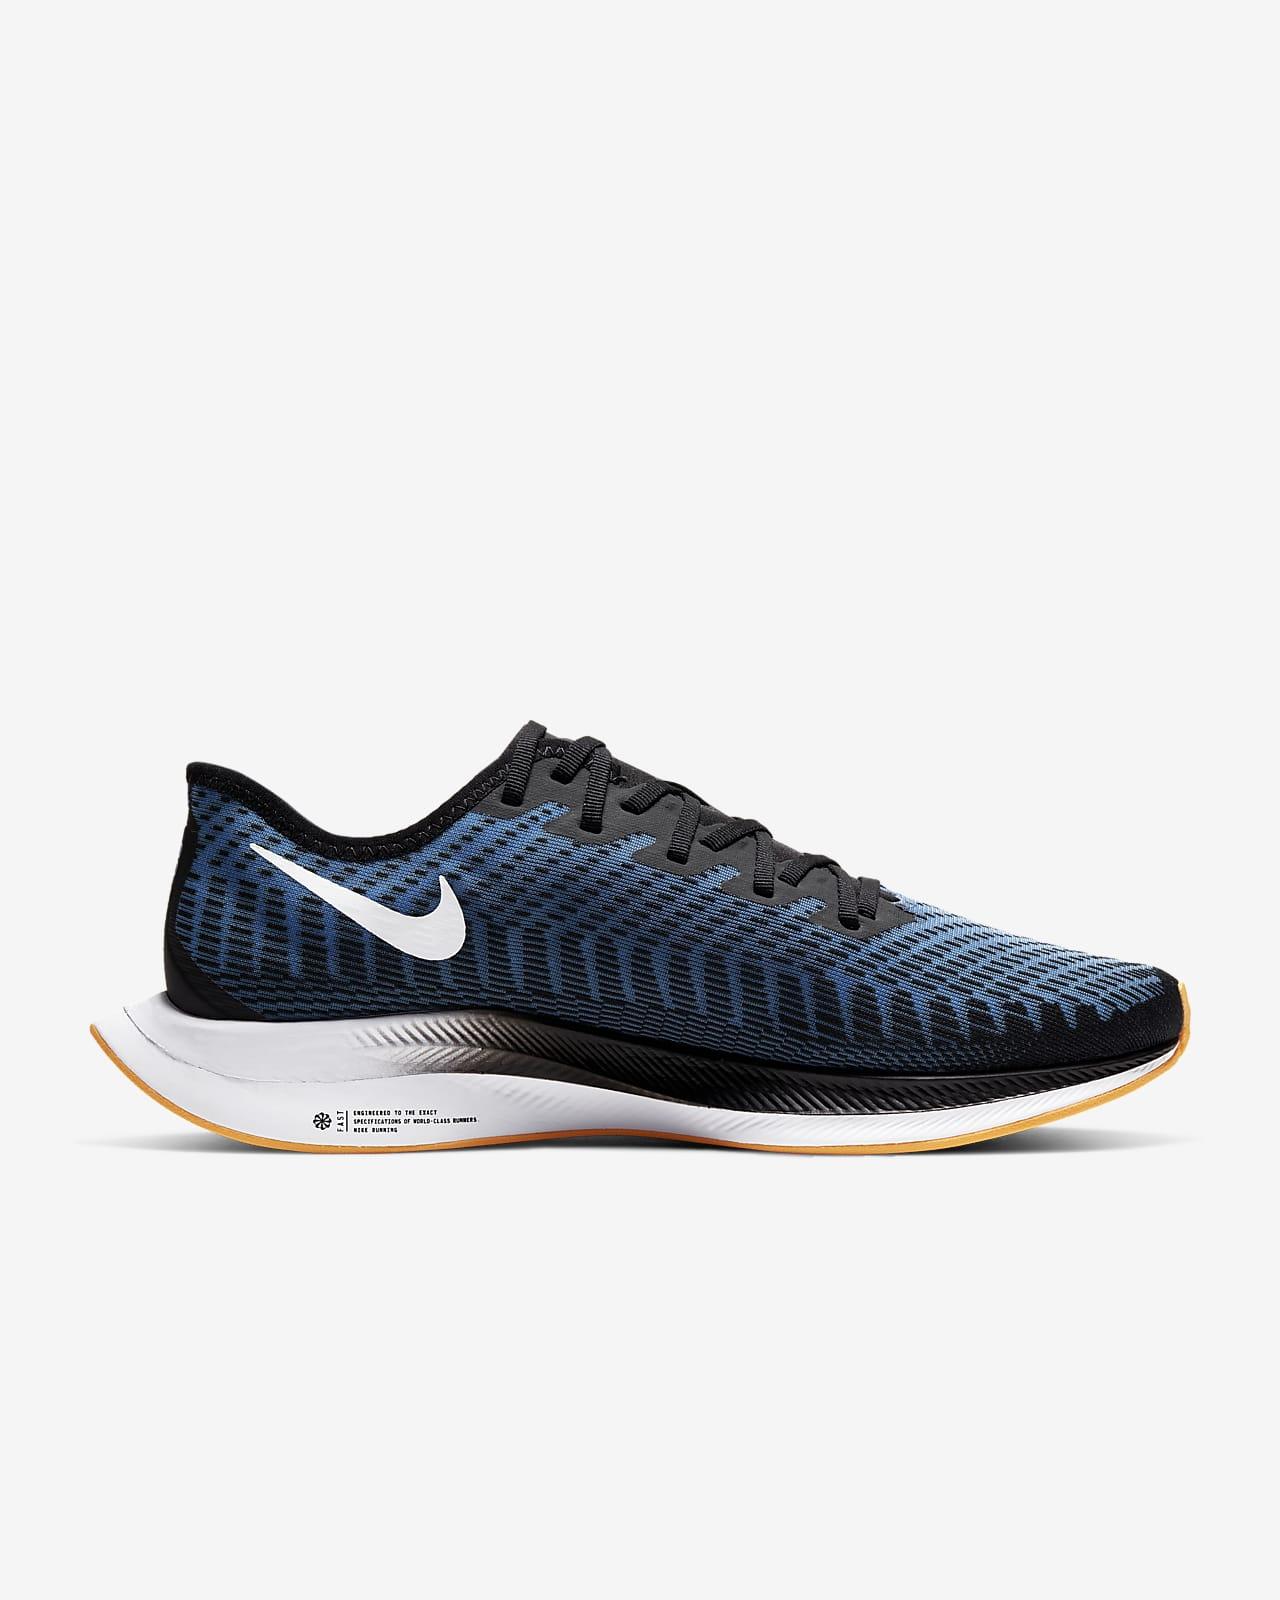 Estadístico Rancio Llorar  Nike Zoom Pegasus Turbo 2 Men's Running Shoe. Nike LU